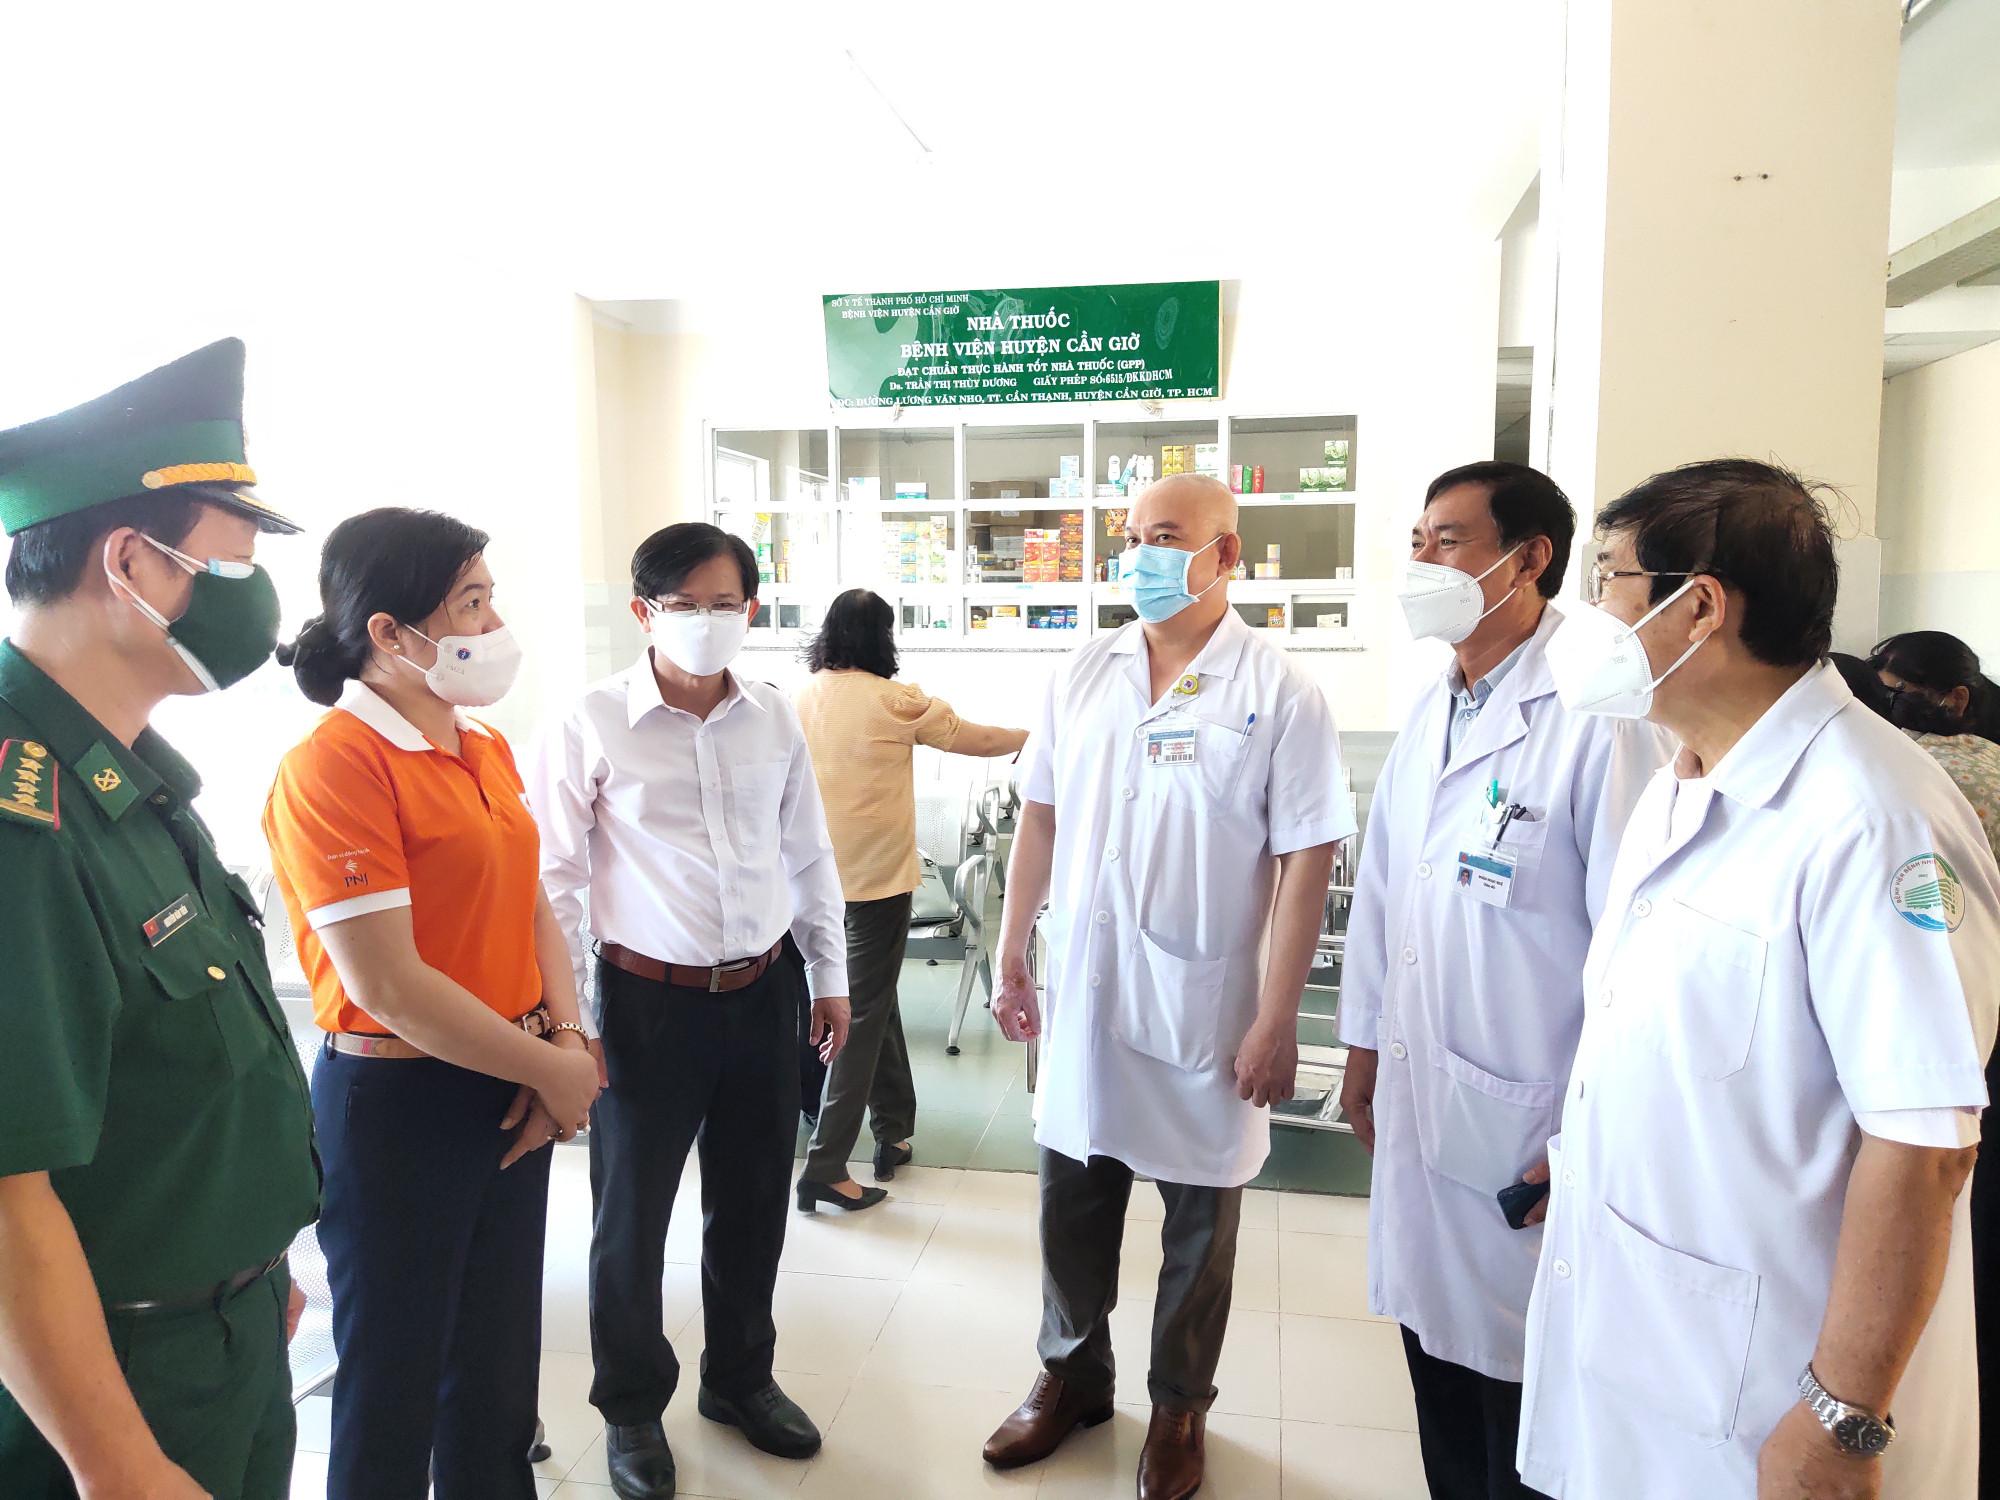 Bà Nguyễn Trần Phượng Trân - chủ tịch Hội LHPN TP - hỏi thăm các bác sỹ đang tham gia công tác điều trị tại bệnh viện Điều trị Covid-19 Cần Giờ